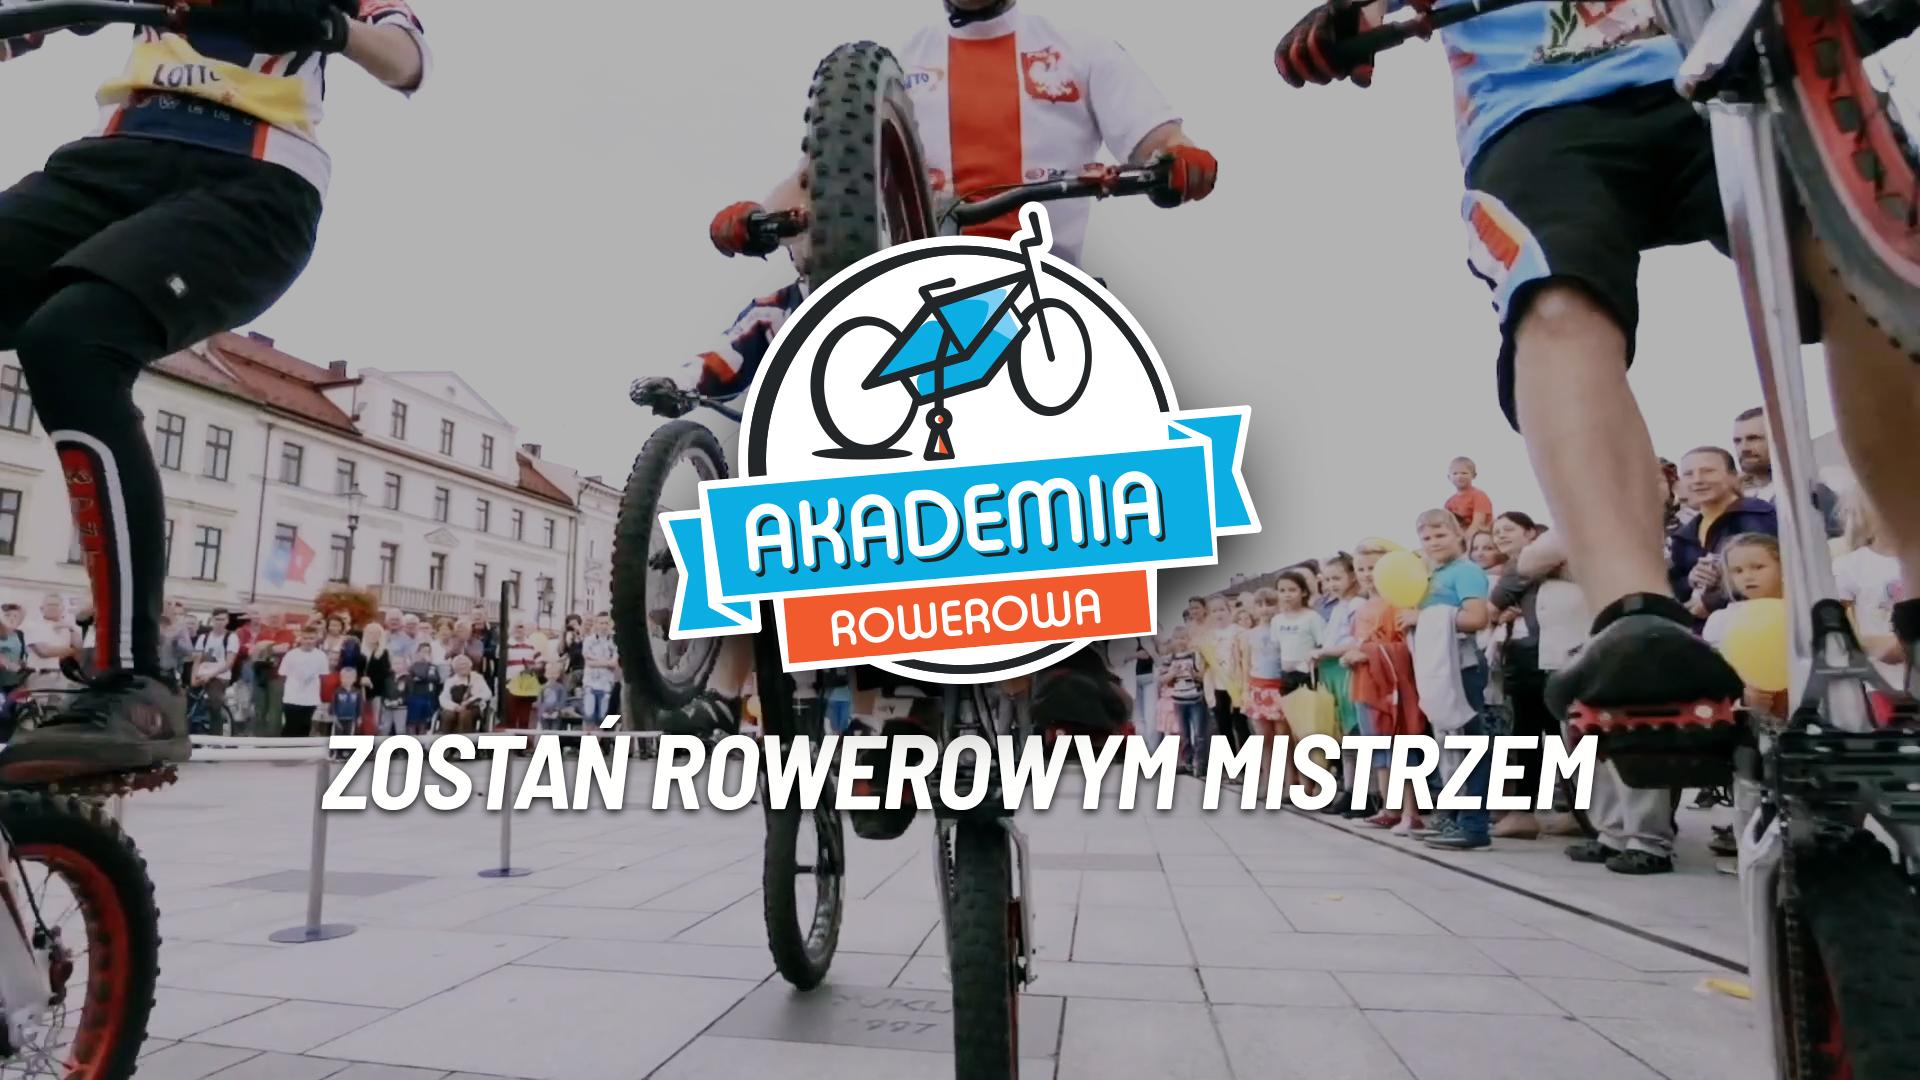 Zostań rowerowym mistrzem z Akademią Rowerową